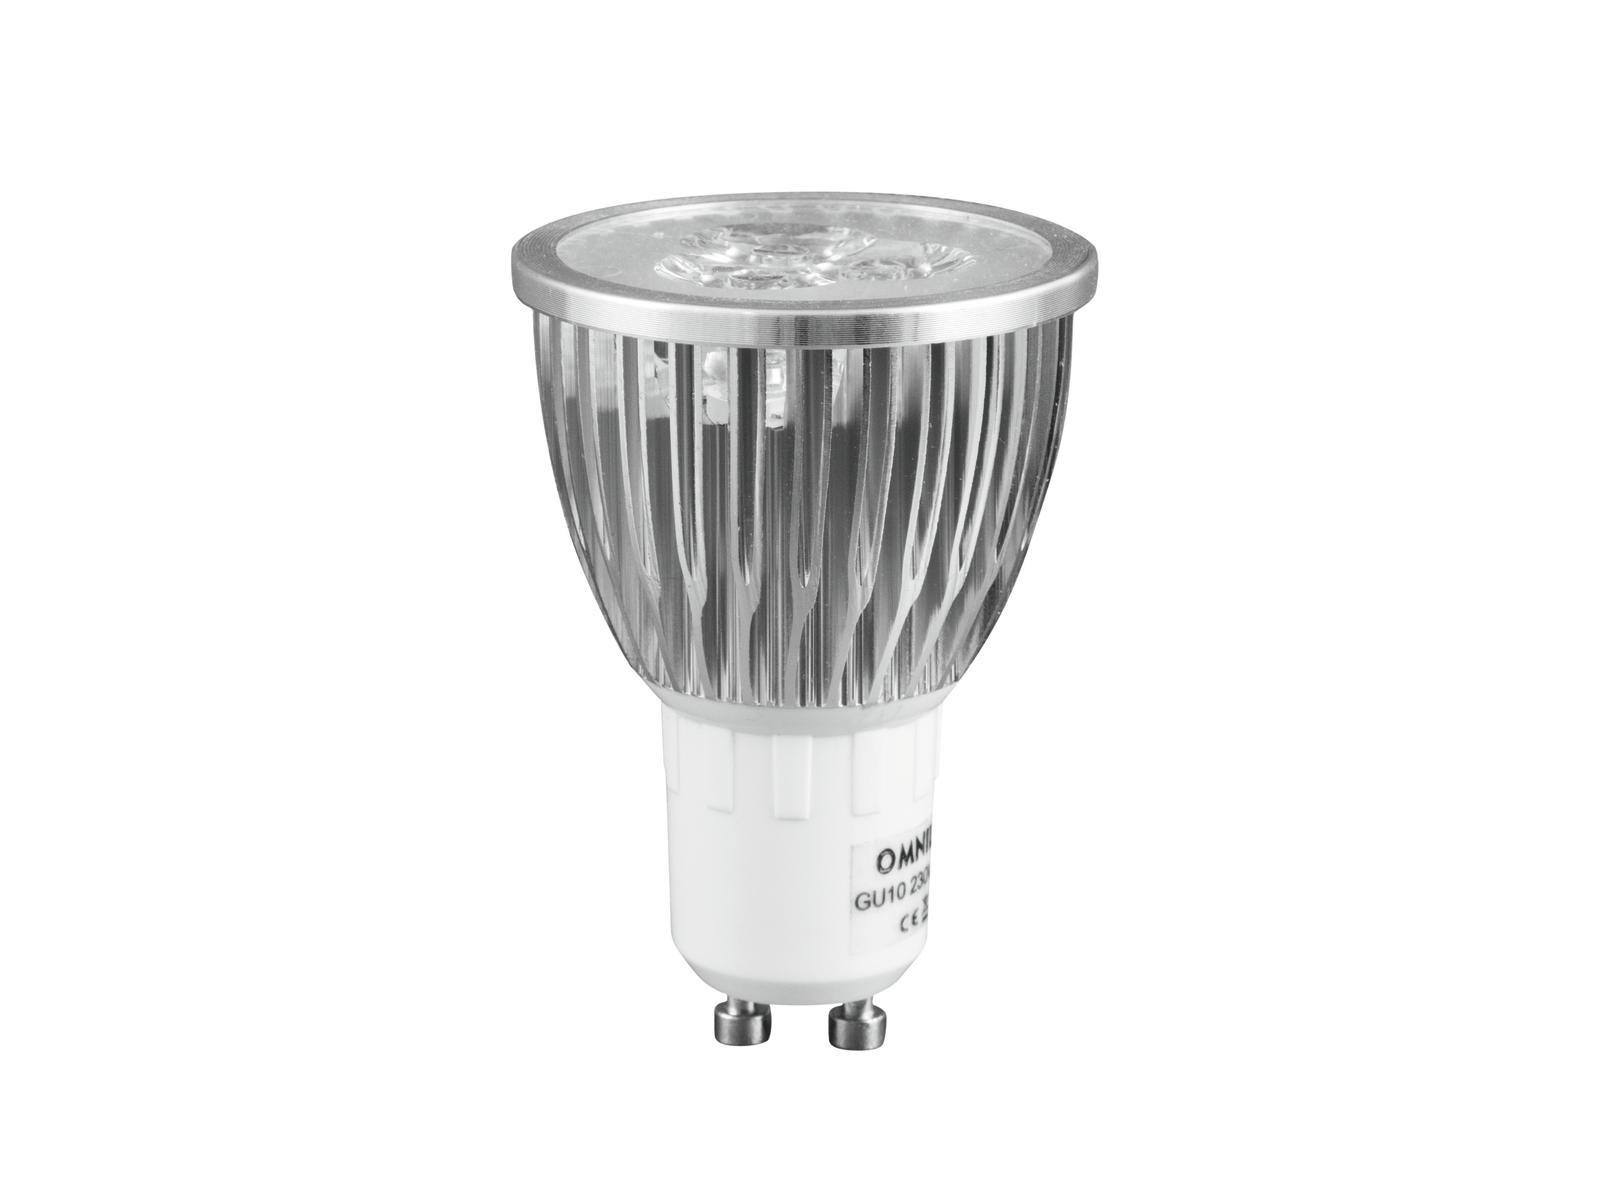 230V/3x2W LED GU-10 CR 6500K Omnilux, 30